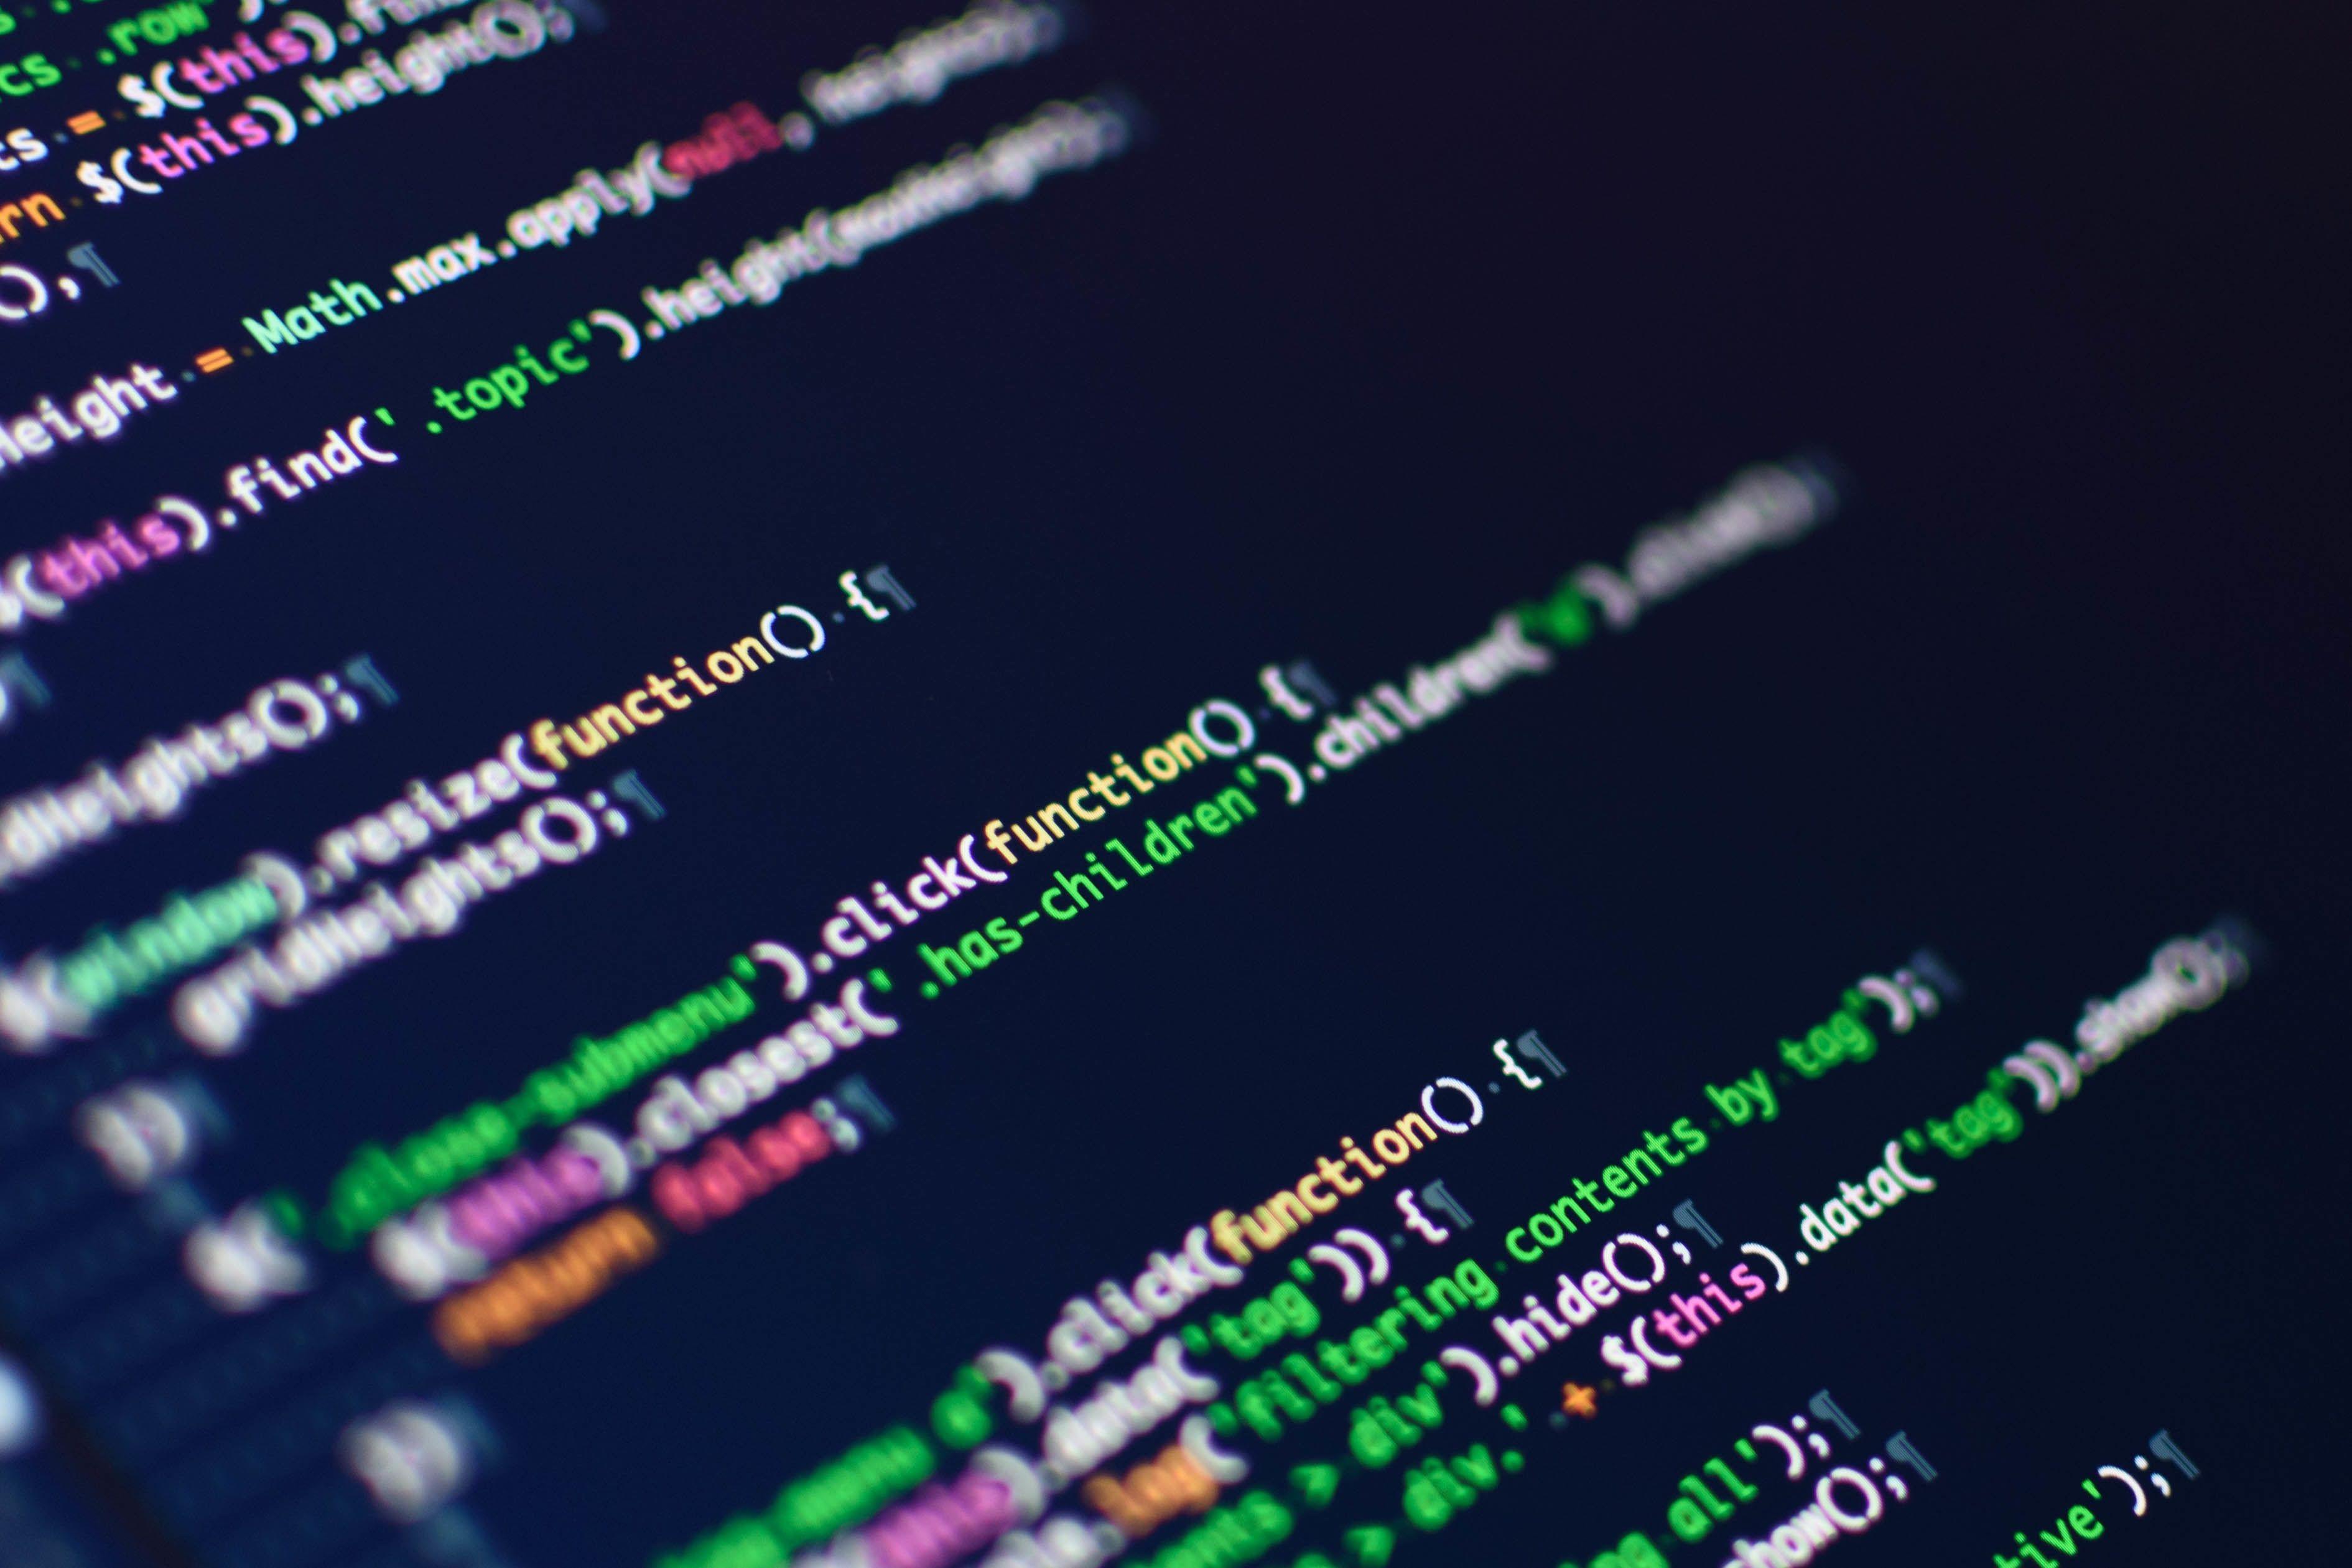 网站安全防护_防cc攻击拦截代码_超稳定